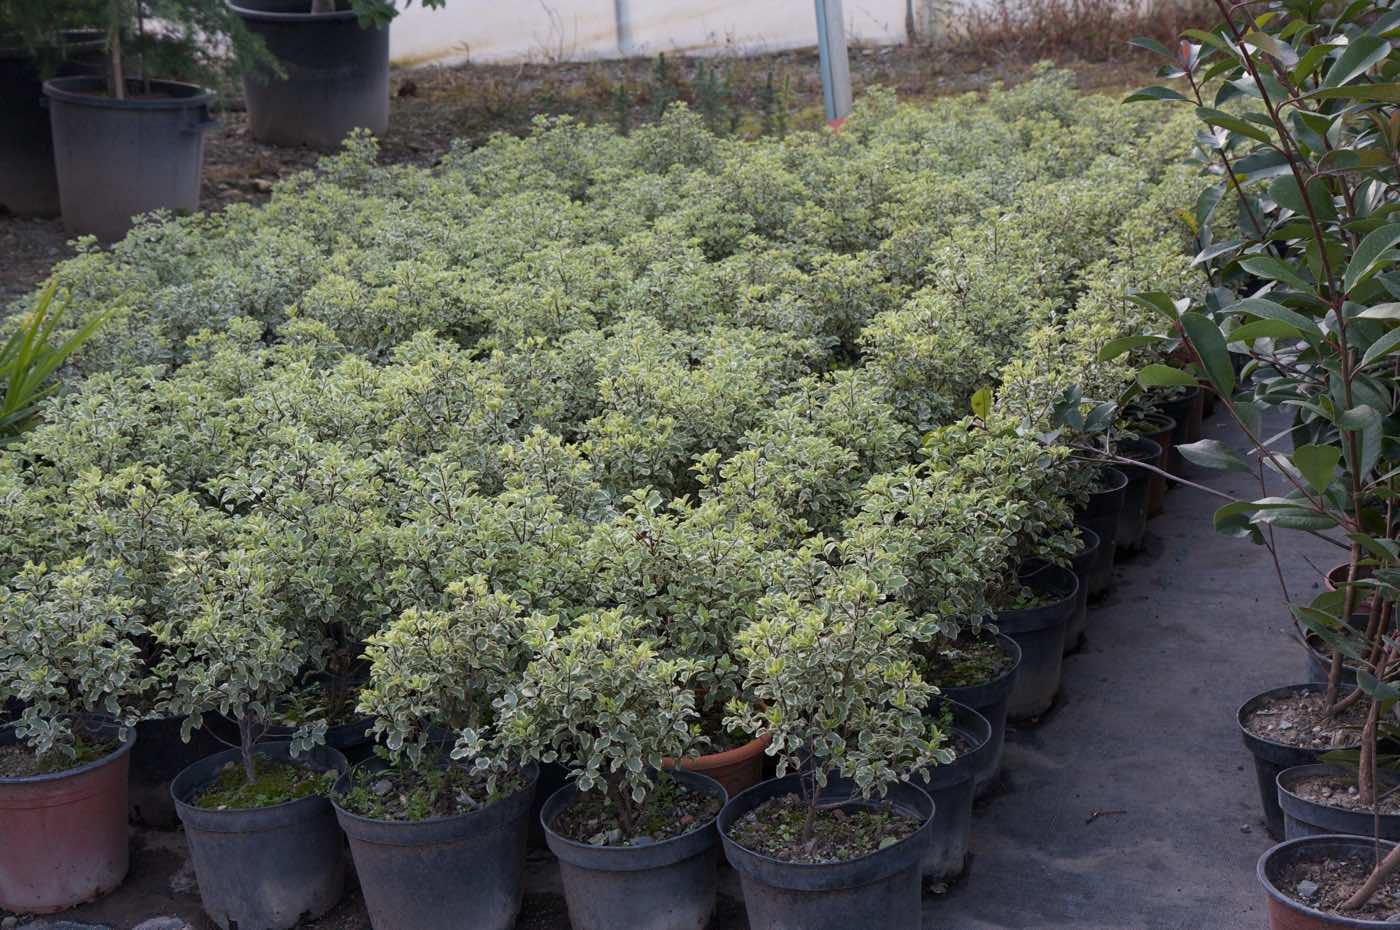 Vente de pittosporum ou pittospores - Jardinerie Pépinière de l'Aiguillon Toulouse